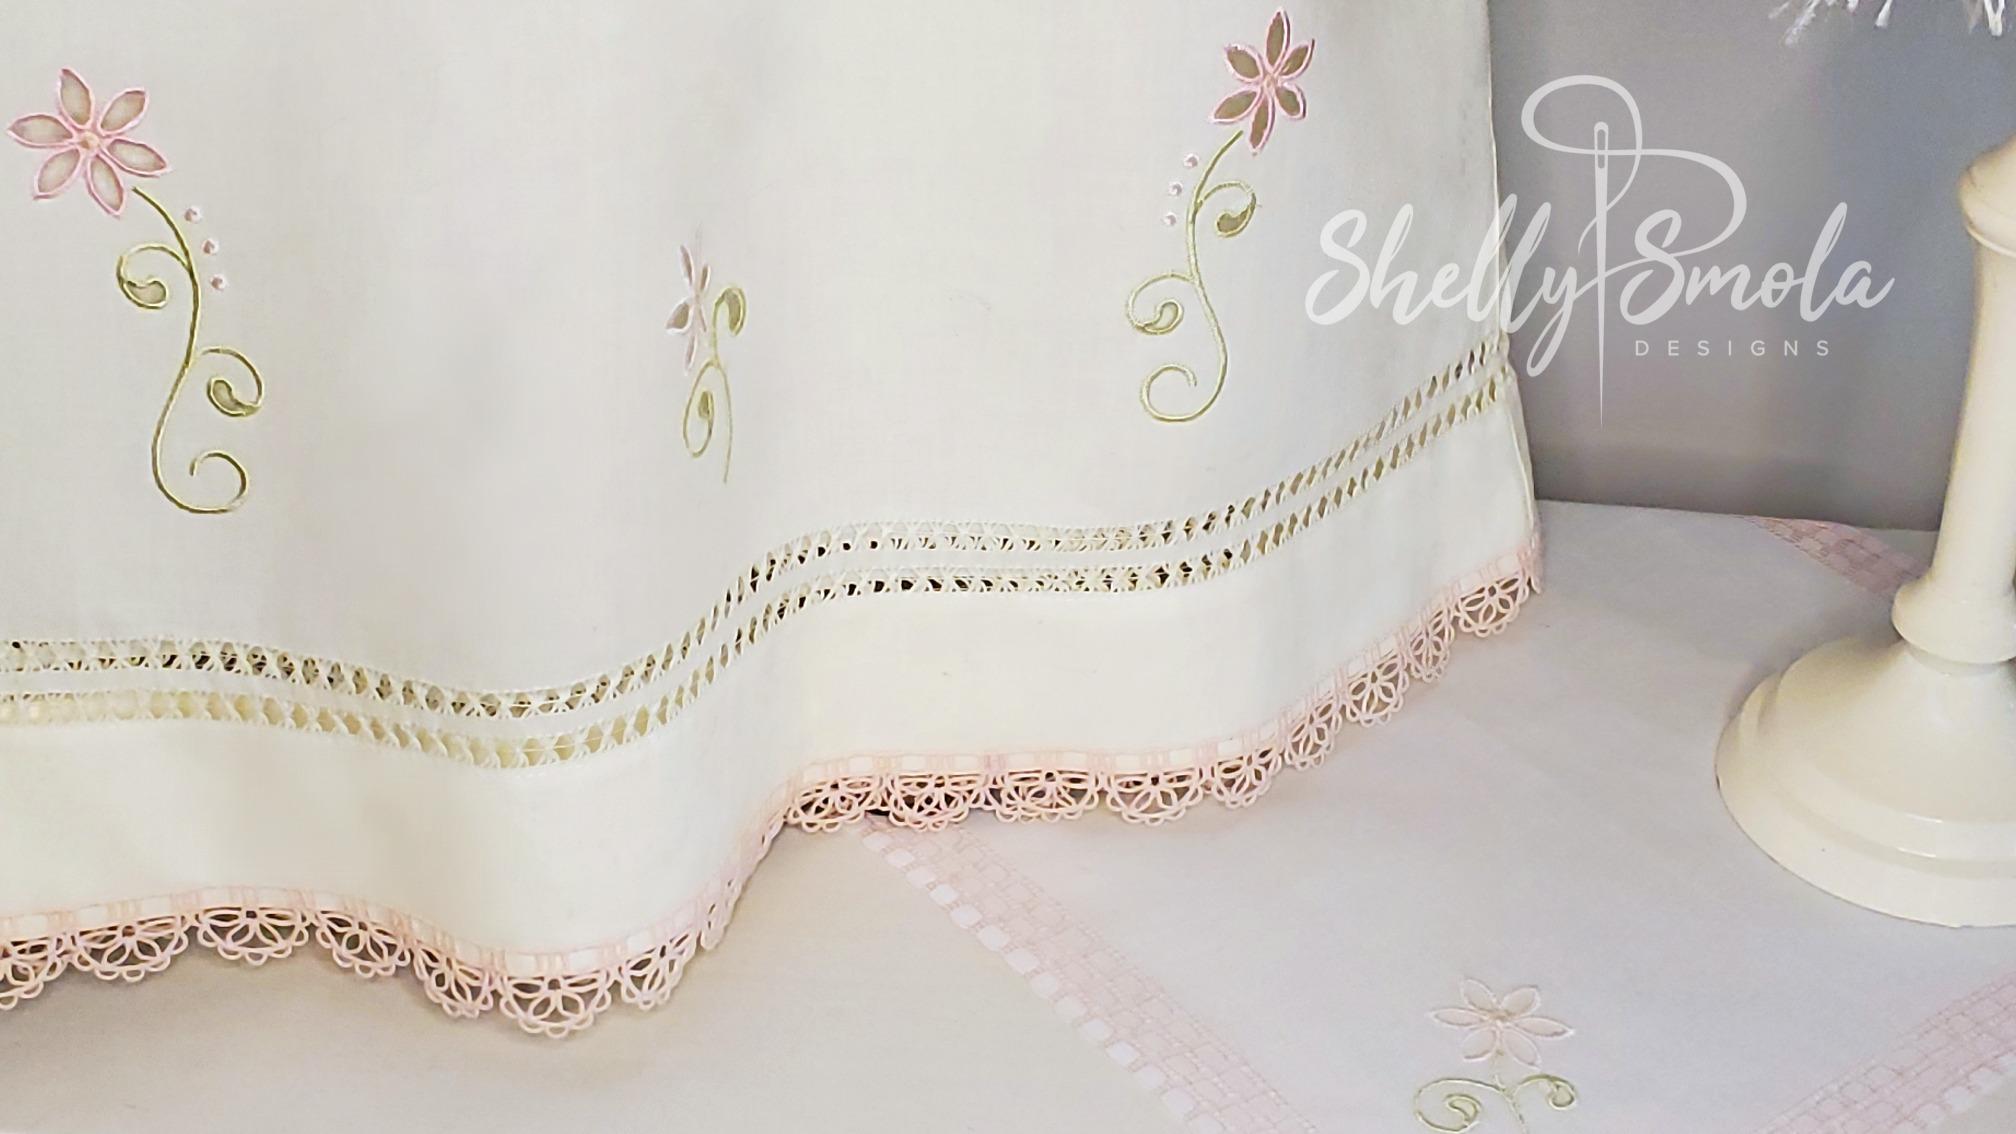 Daisy Cutwork and Daisy Lace by Shelly Smola